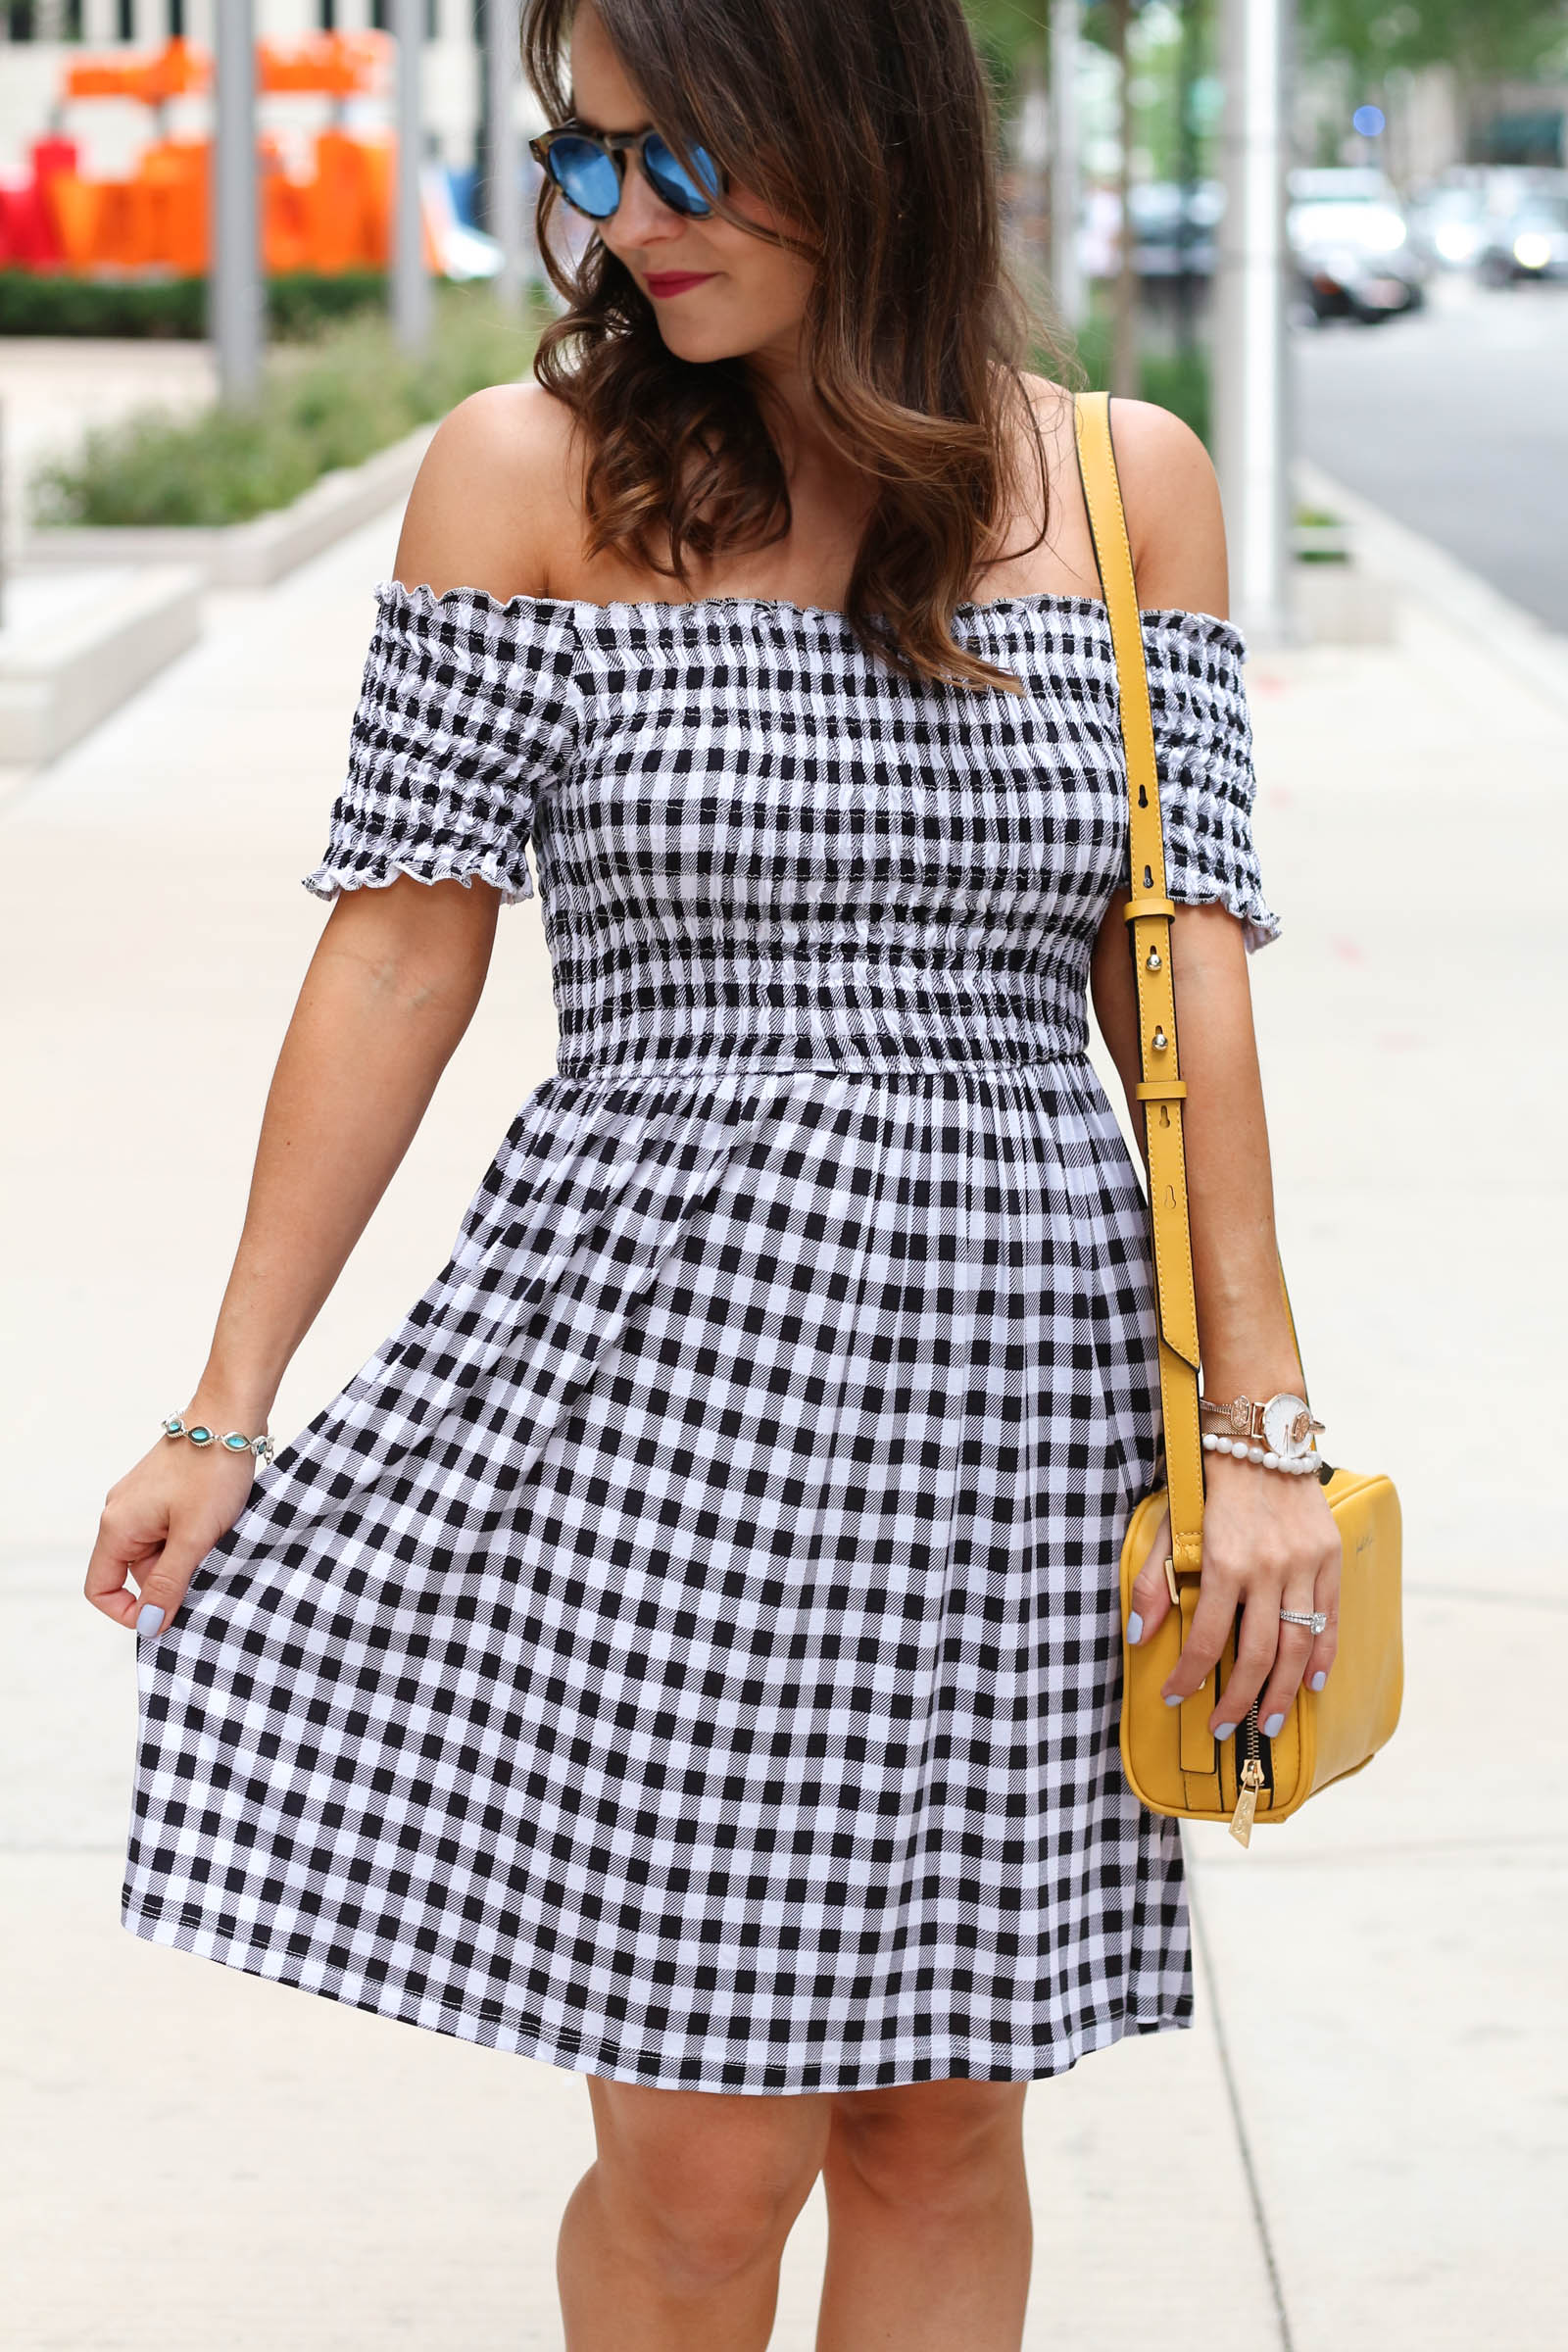 asos black and white gingham dress